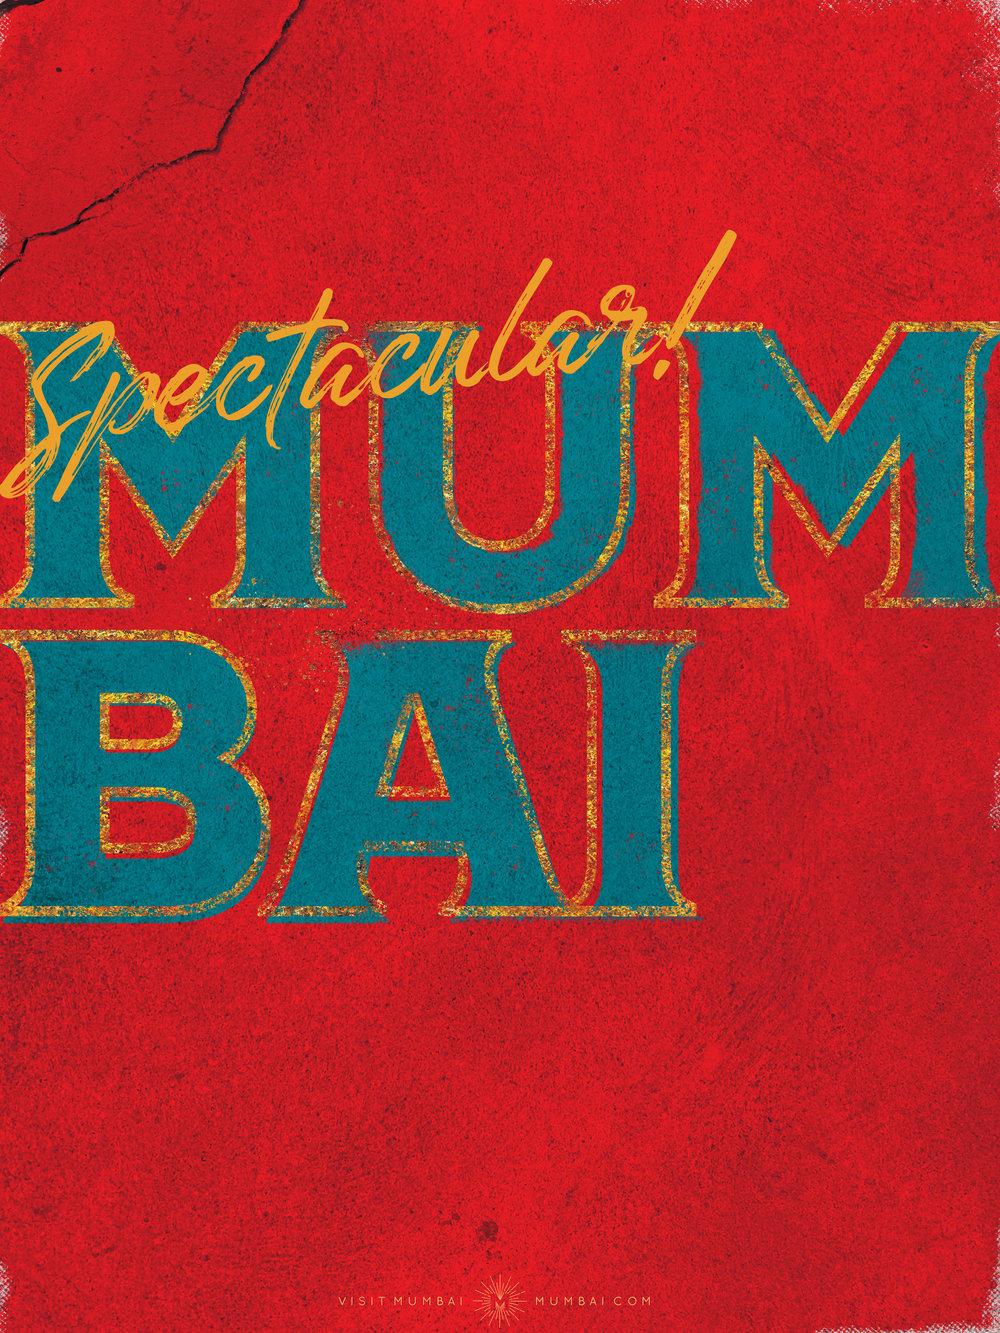 Spectacular_Mumbai_Poster2.jpg